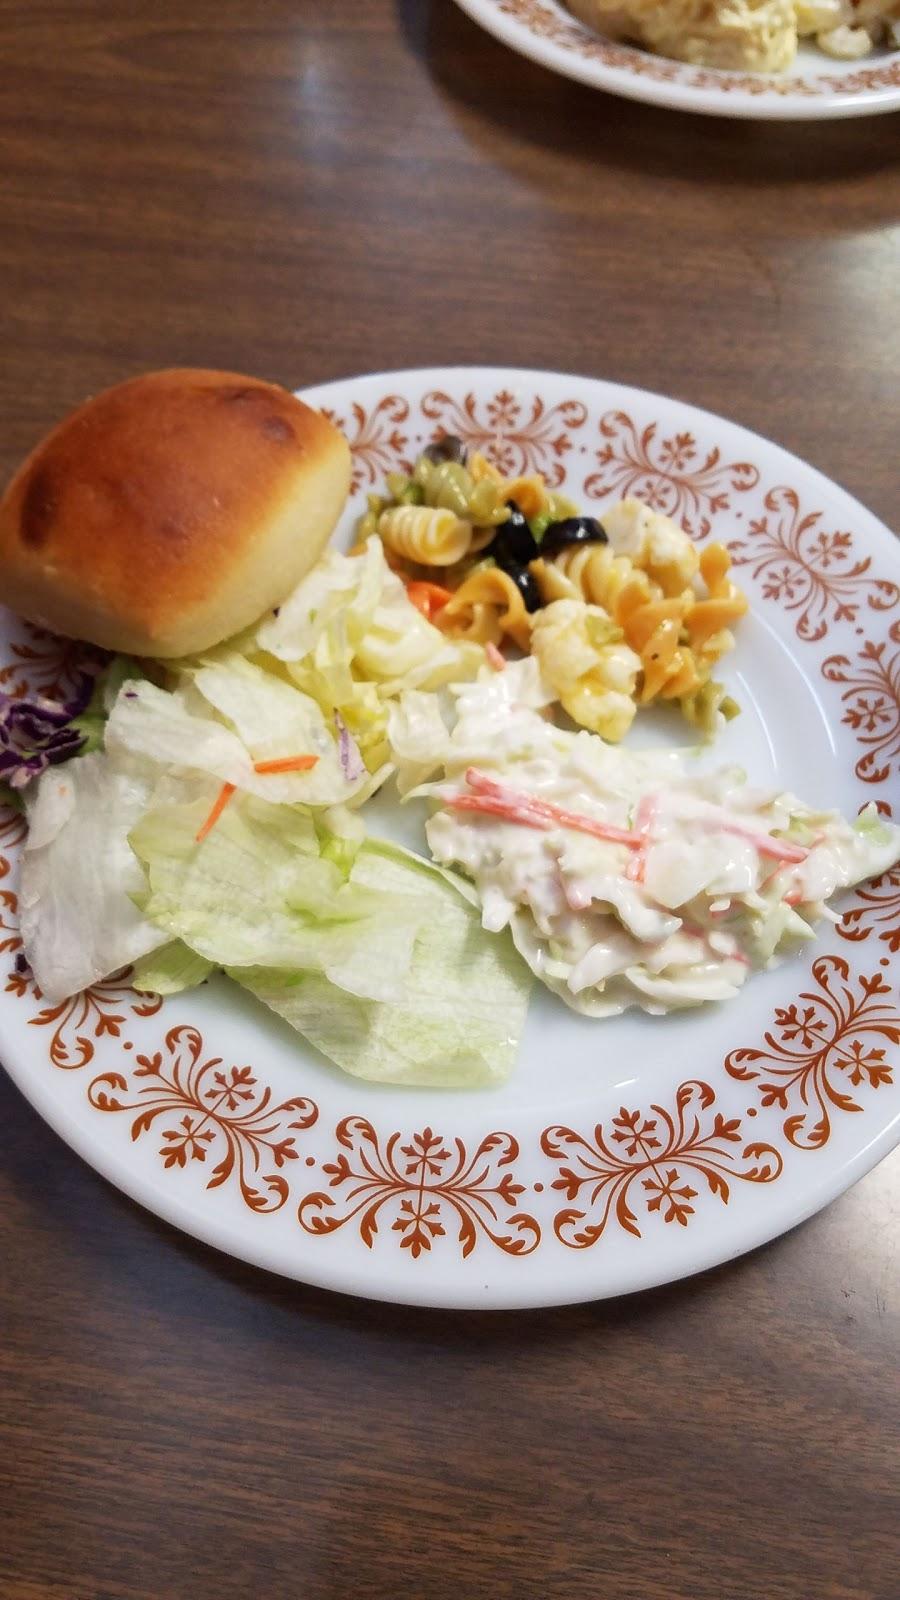 Spink Family Restaurant | restaurant | 103 East main, Elk Point, SD 57025, USA | 6057615780 OR +1 605-761-5780